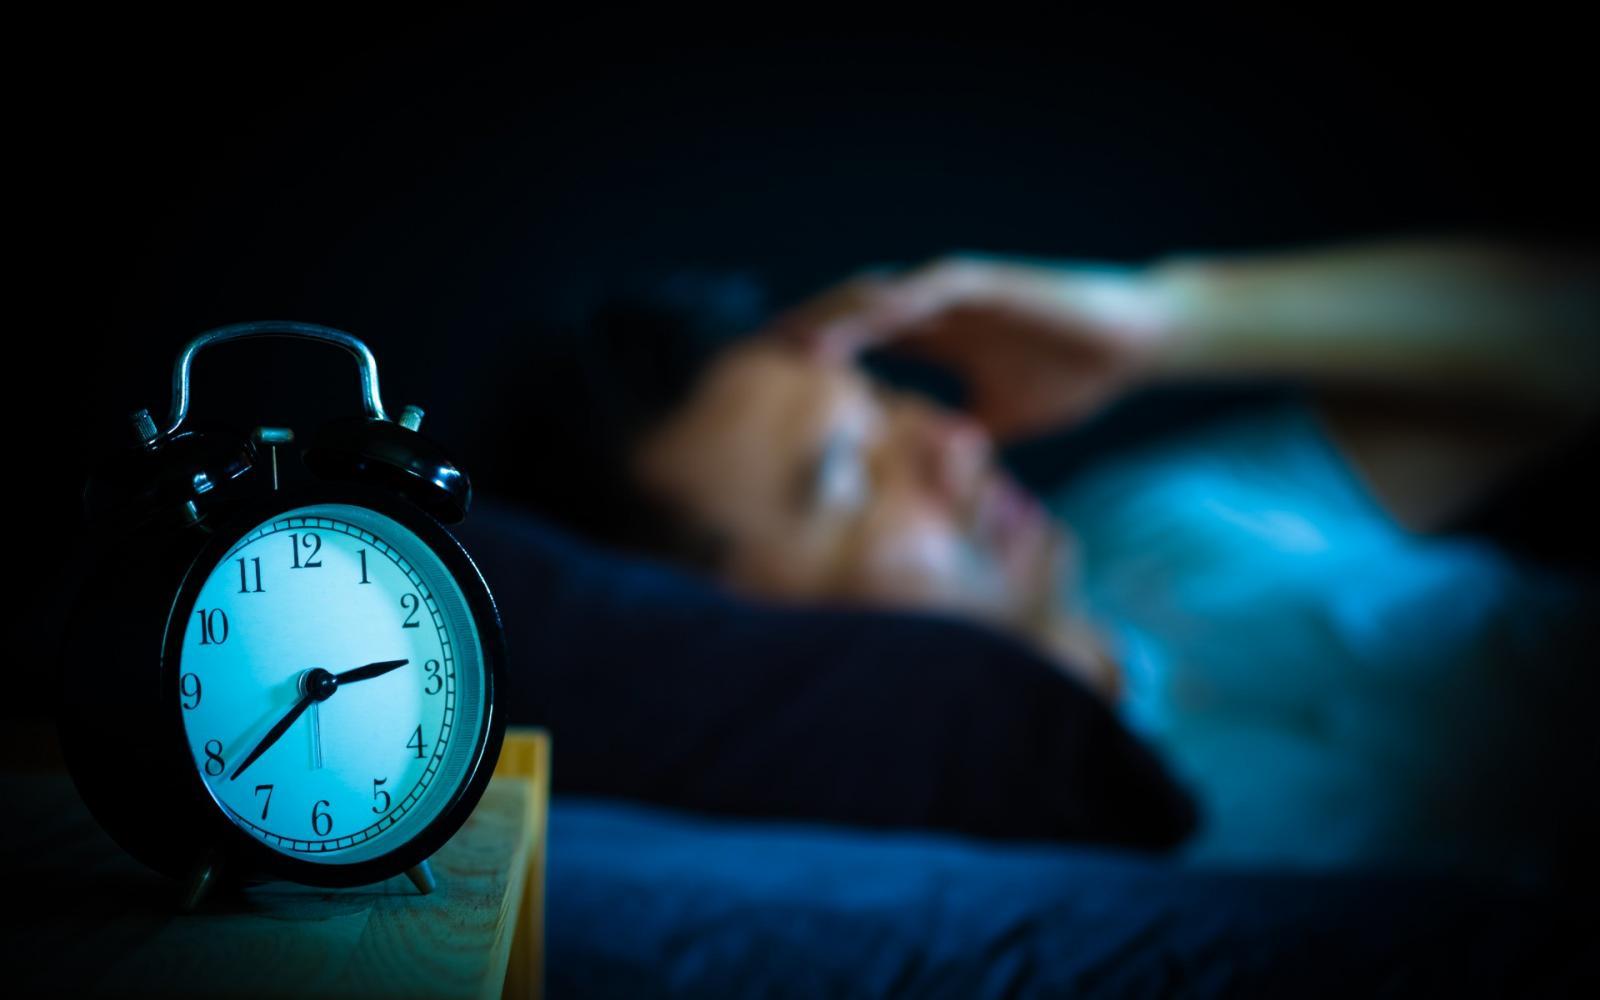 álmatlanság magas vérnyomásban mit kell tenni a hipertónia kezelésének prognózisa